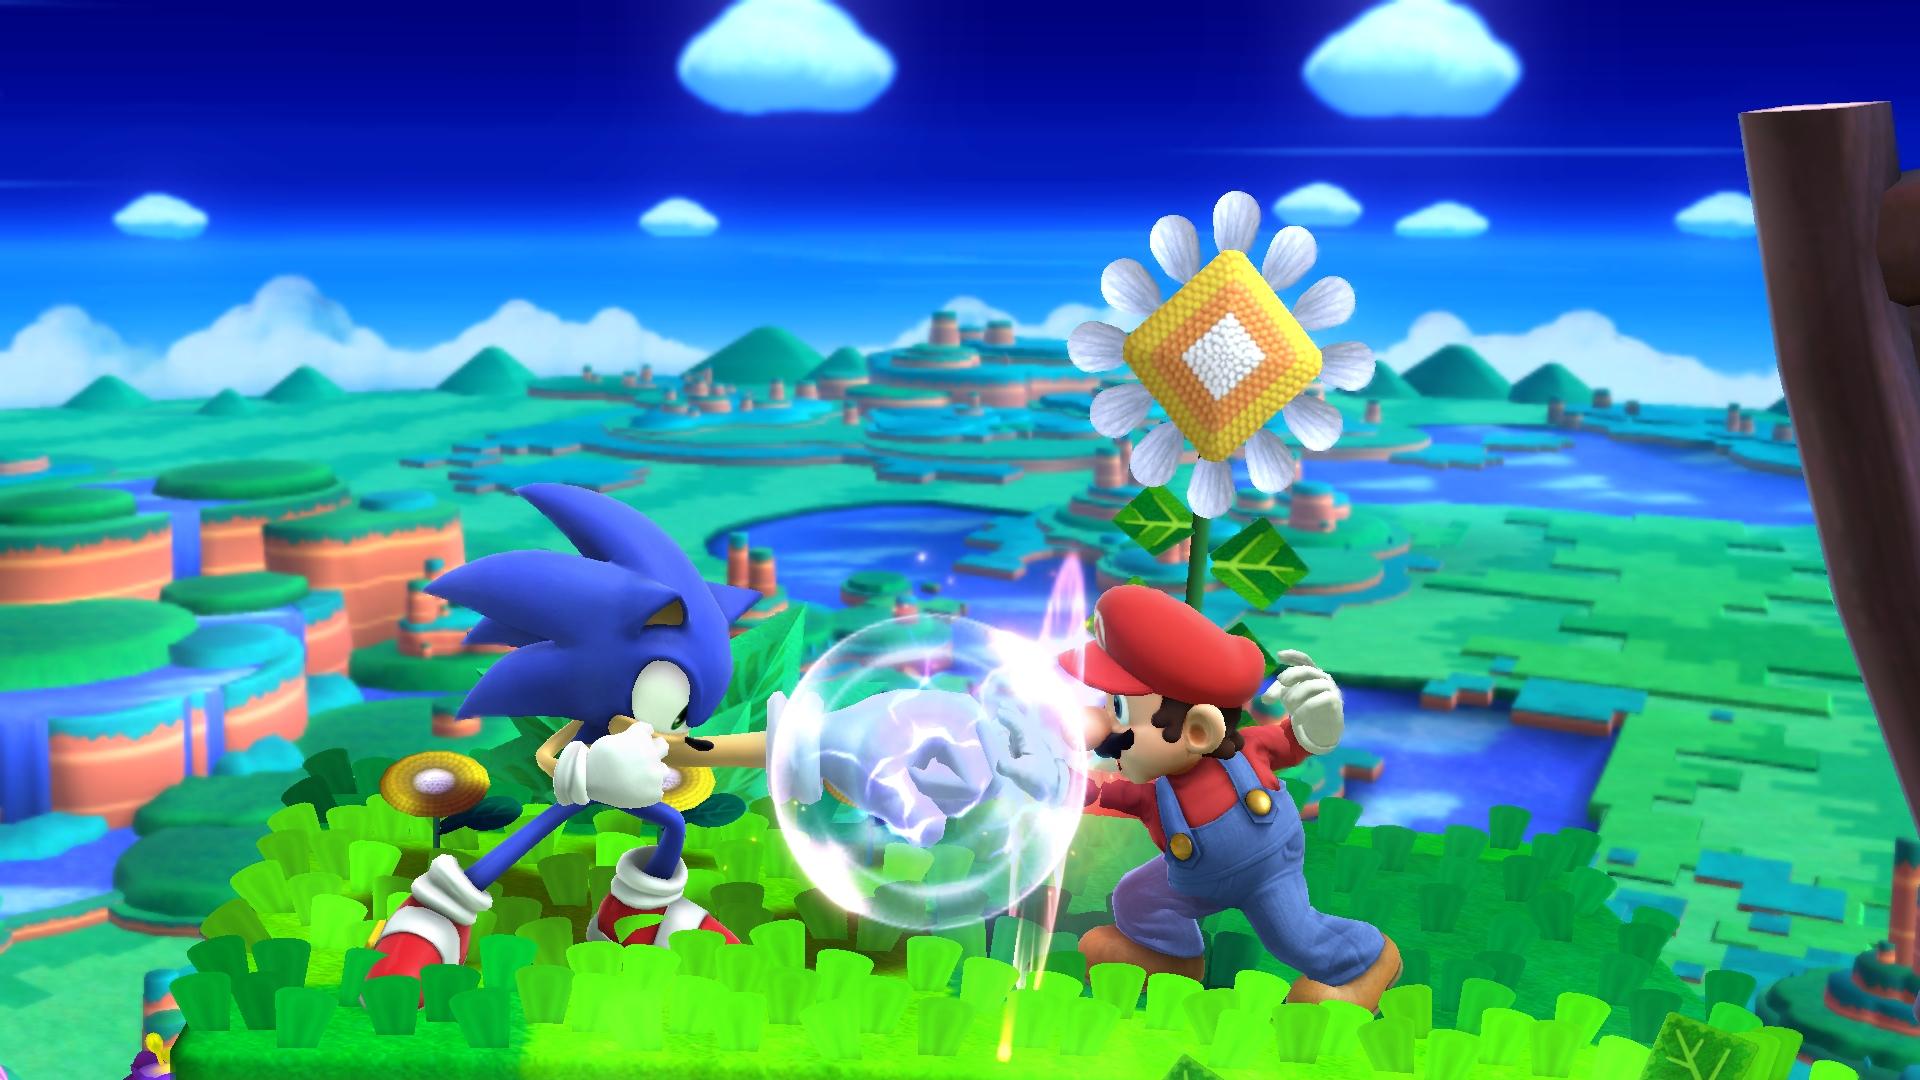 Smash Bros Wii U : Super smash bros wii u review brutal gamer